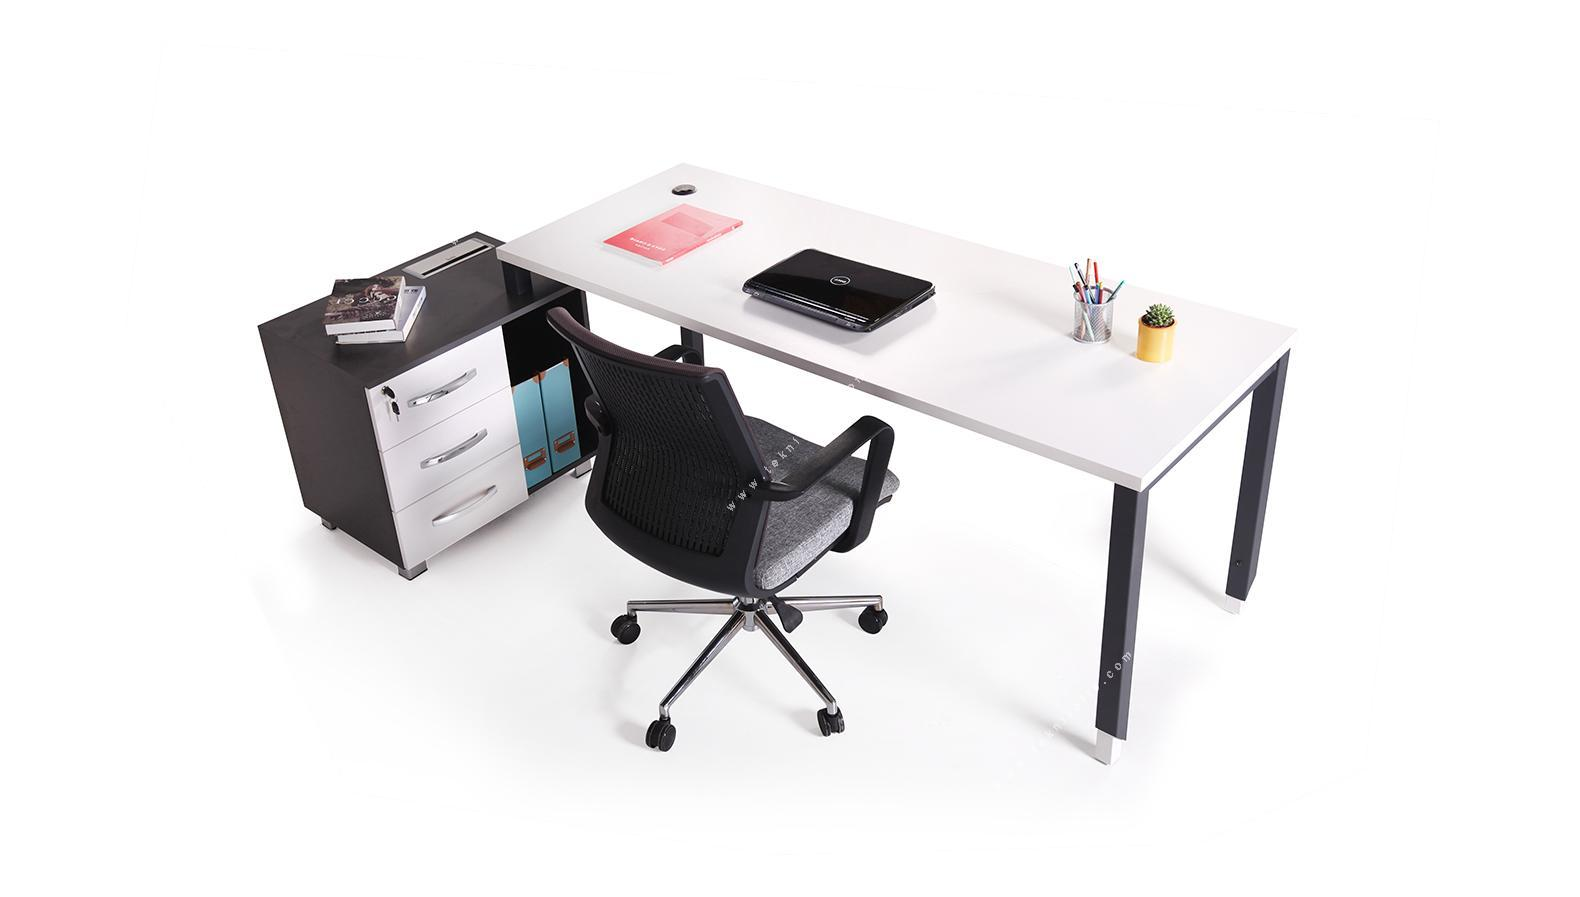 aveon küçük etajerli çalışma masası 220cm